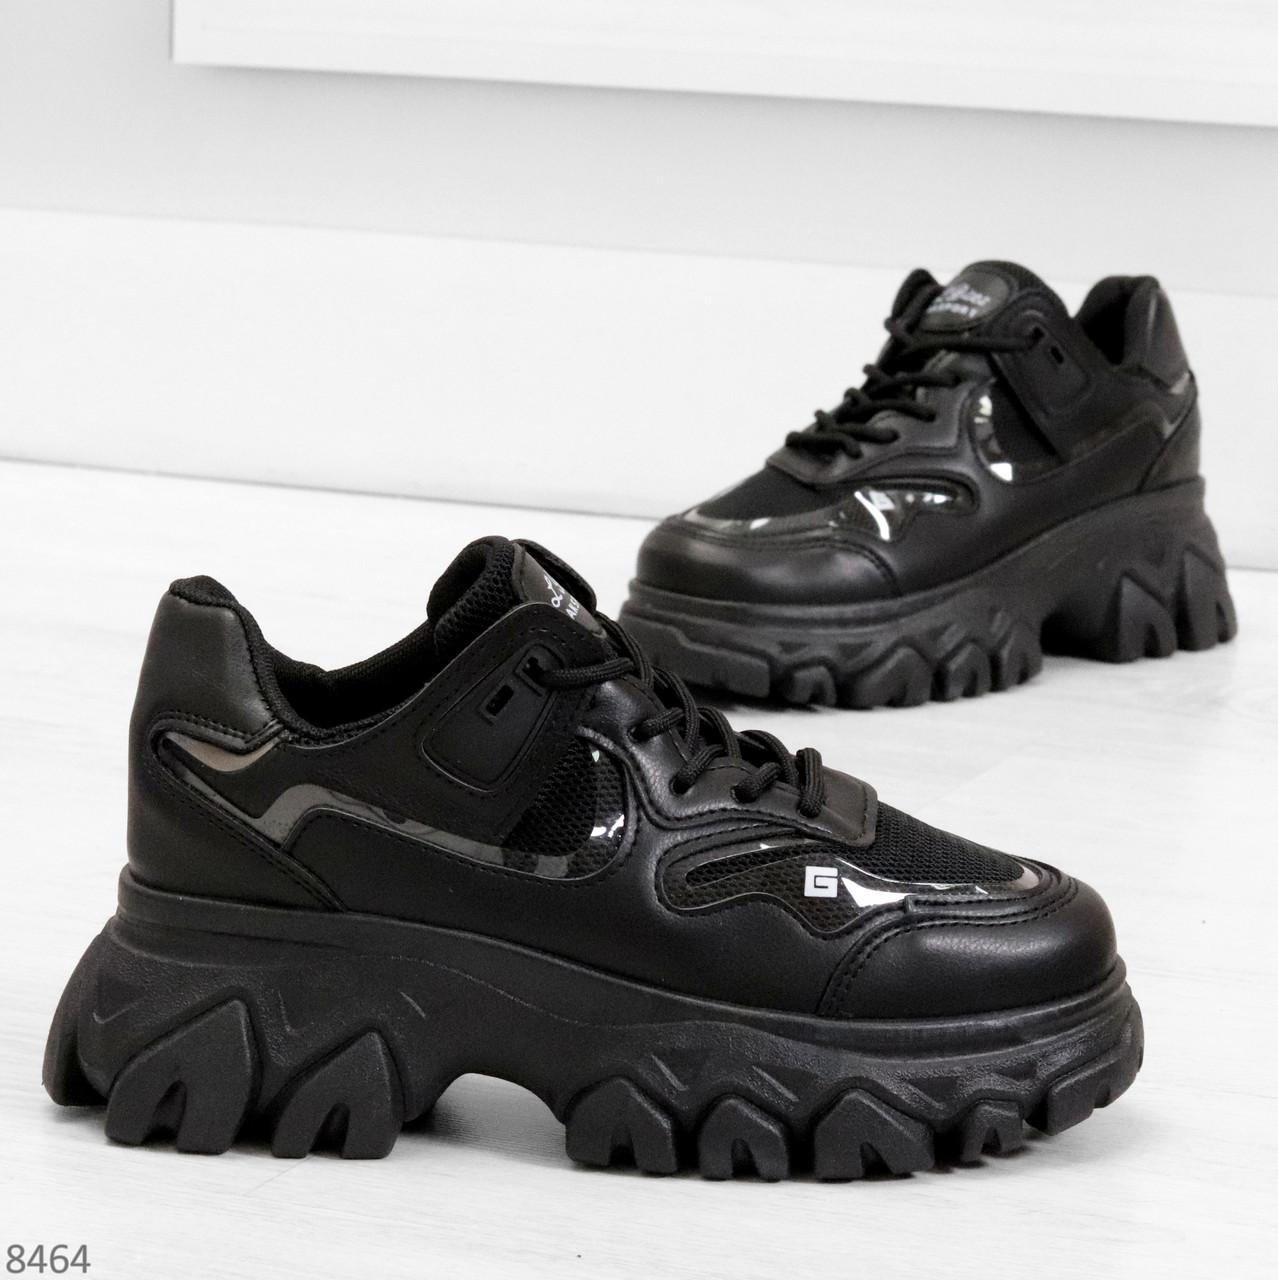 Модные миксовые черные женские кроссовки сникерсы на шнуровке